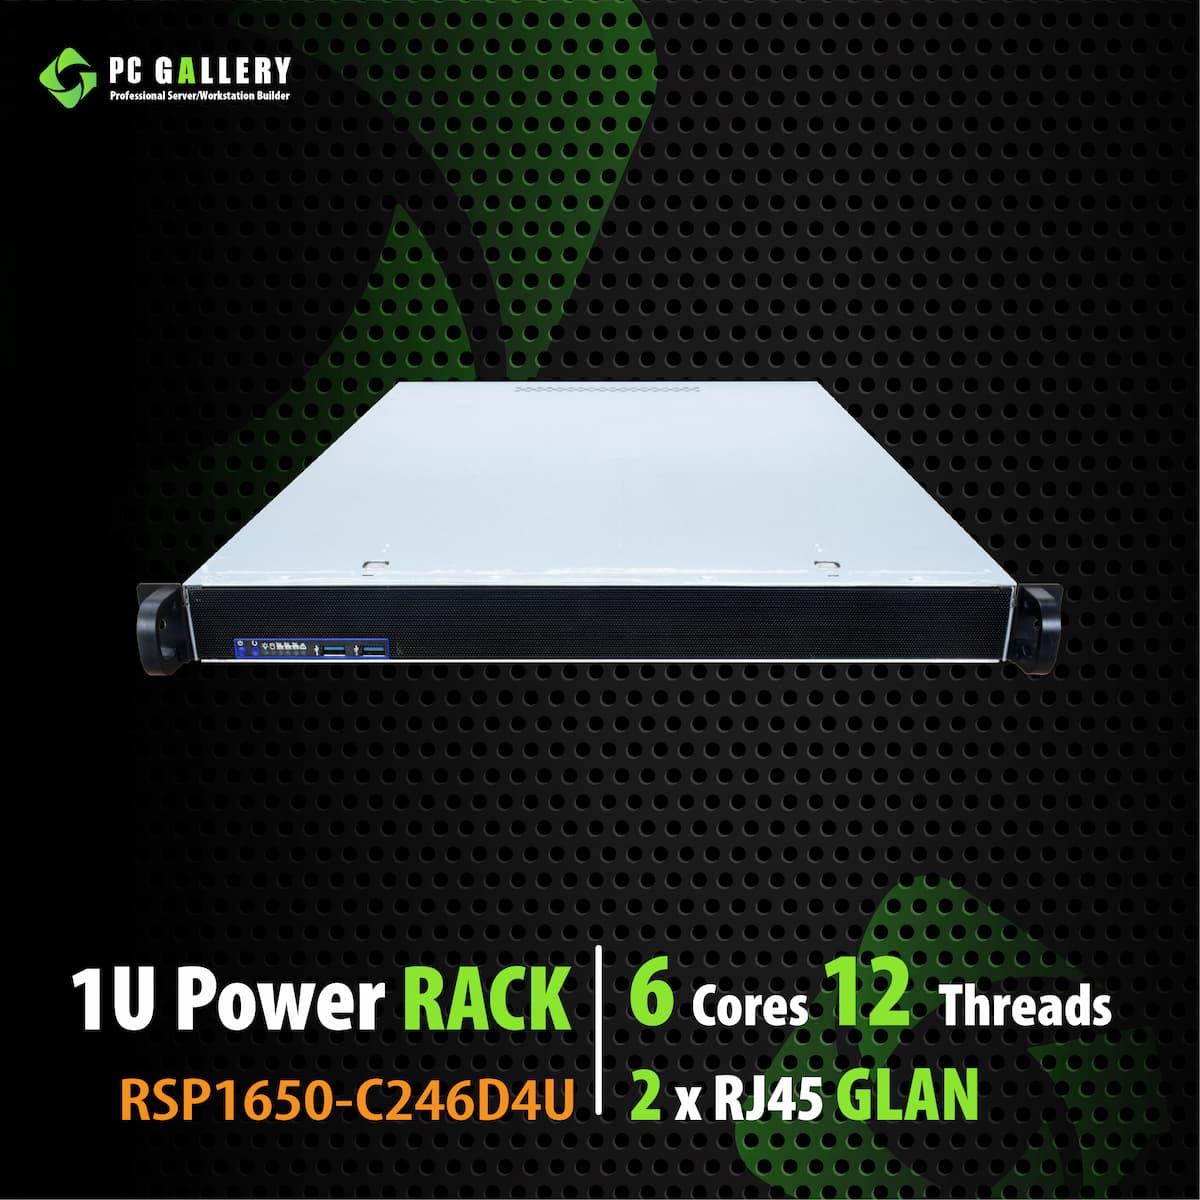 RSP1650-C246D4U-01